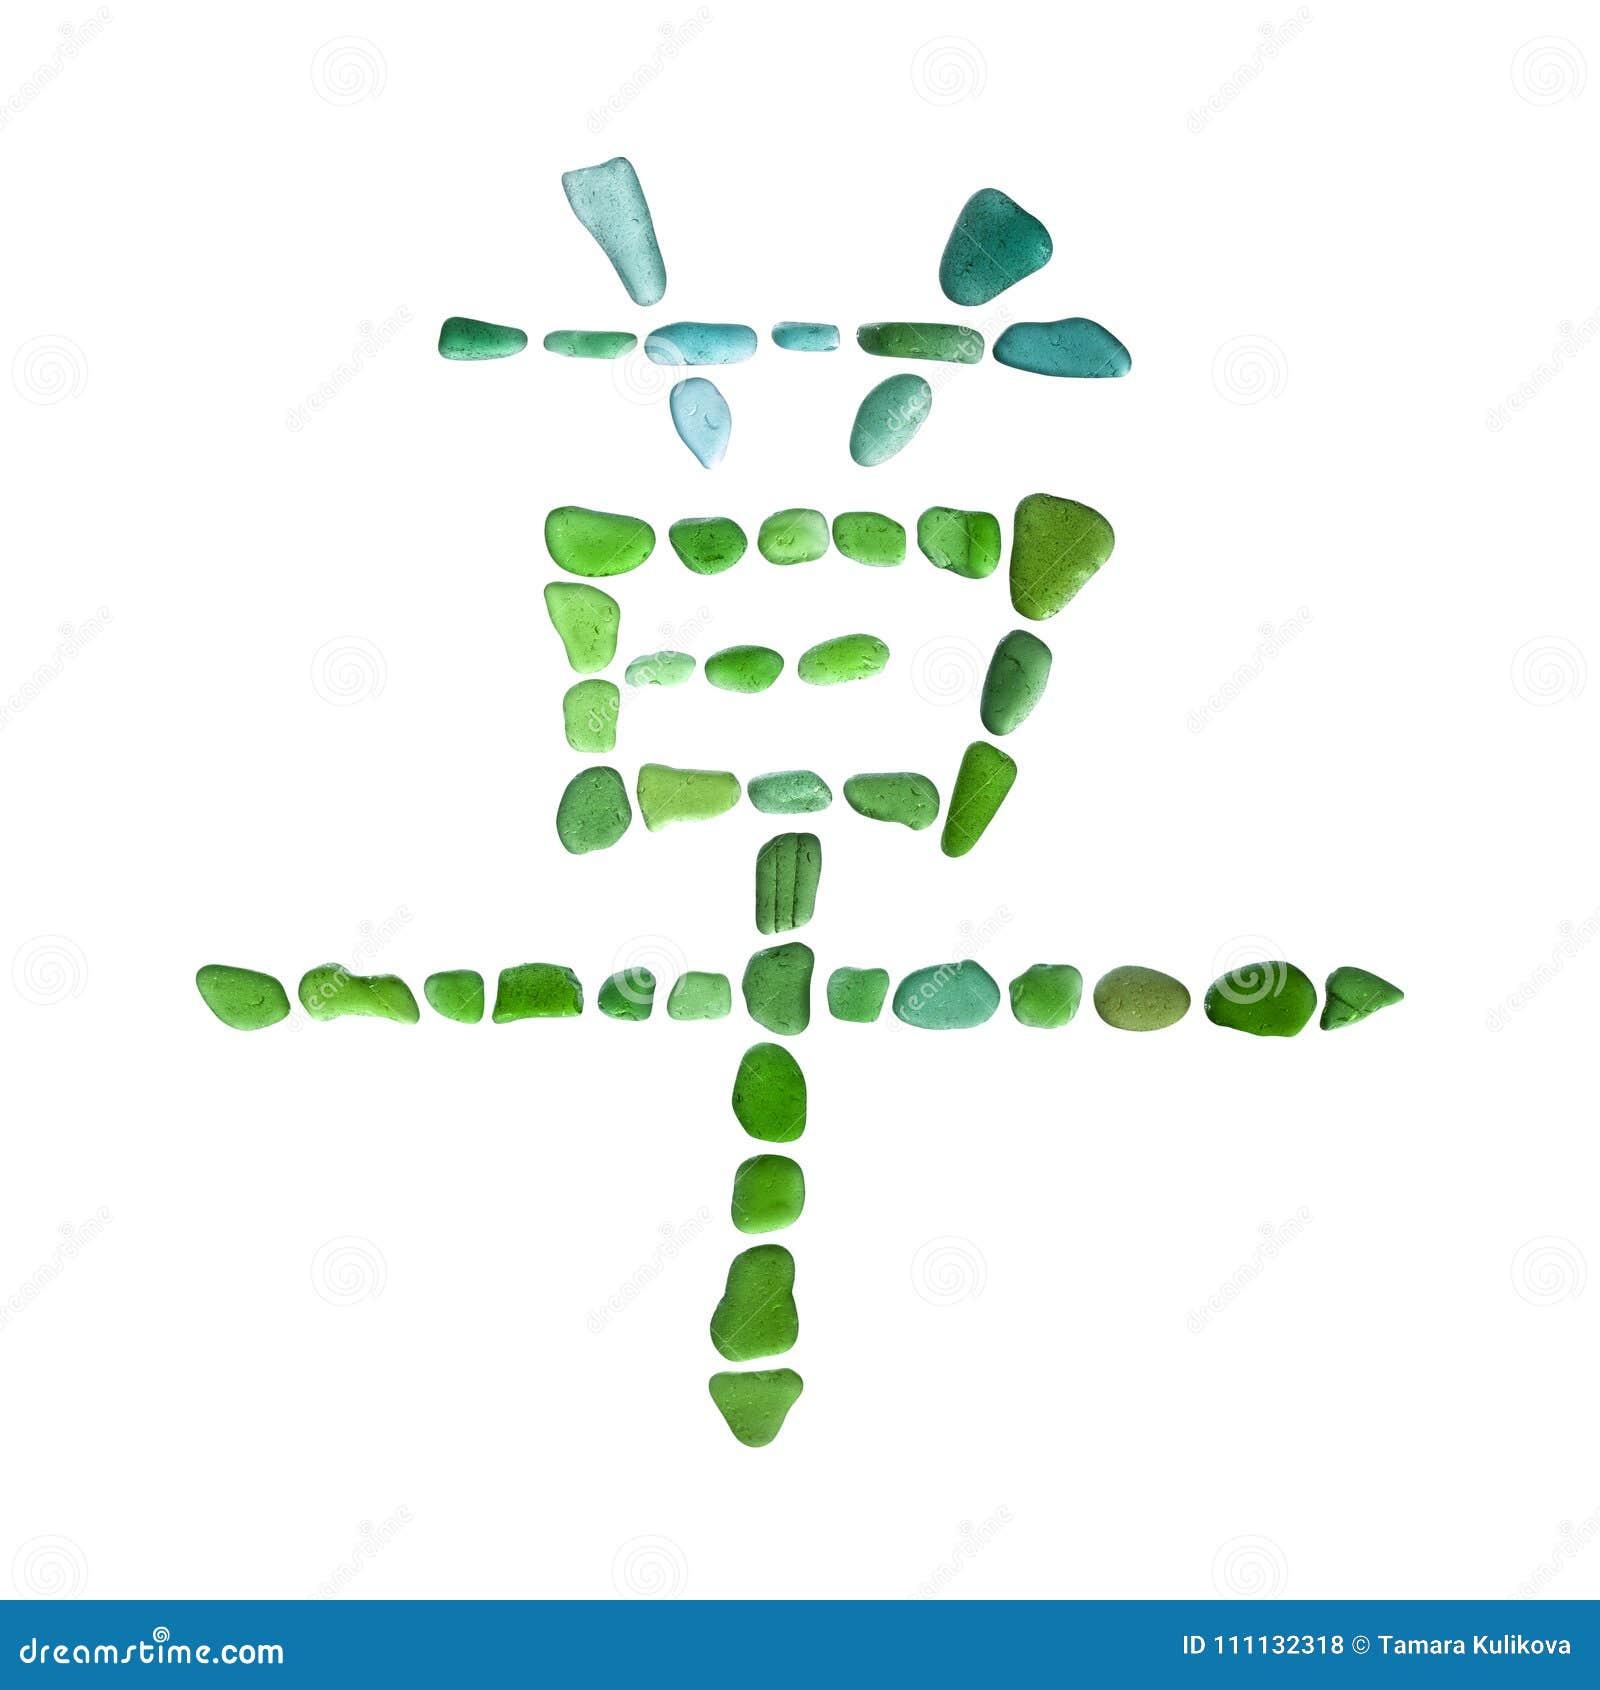 Chinese Symbol Made Of Sea Glass Stock Photo Image Of Glass Kanji